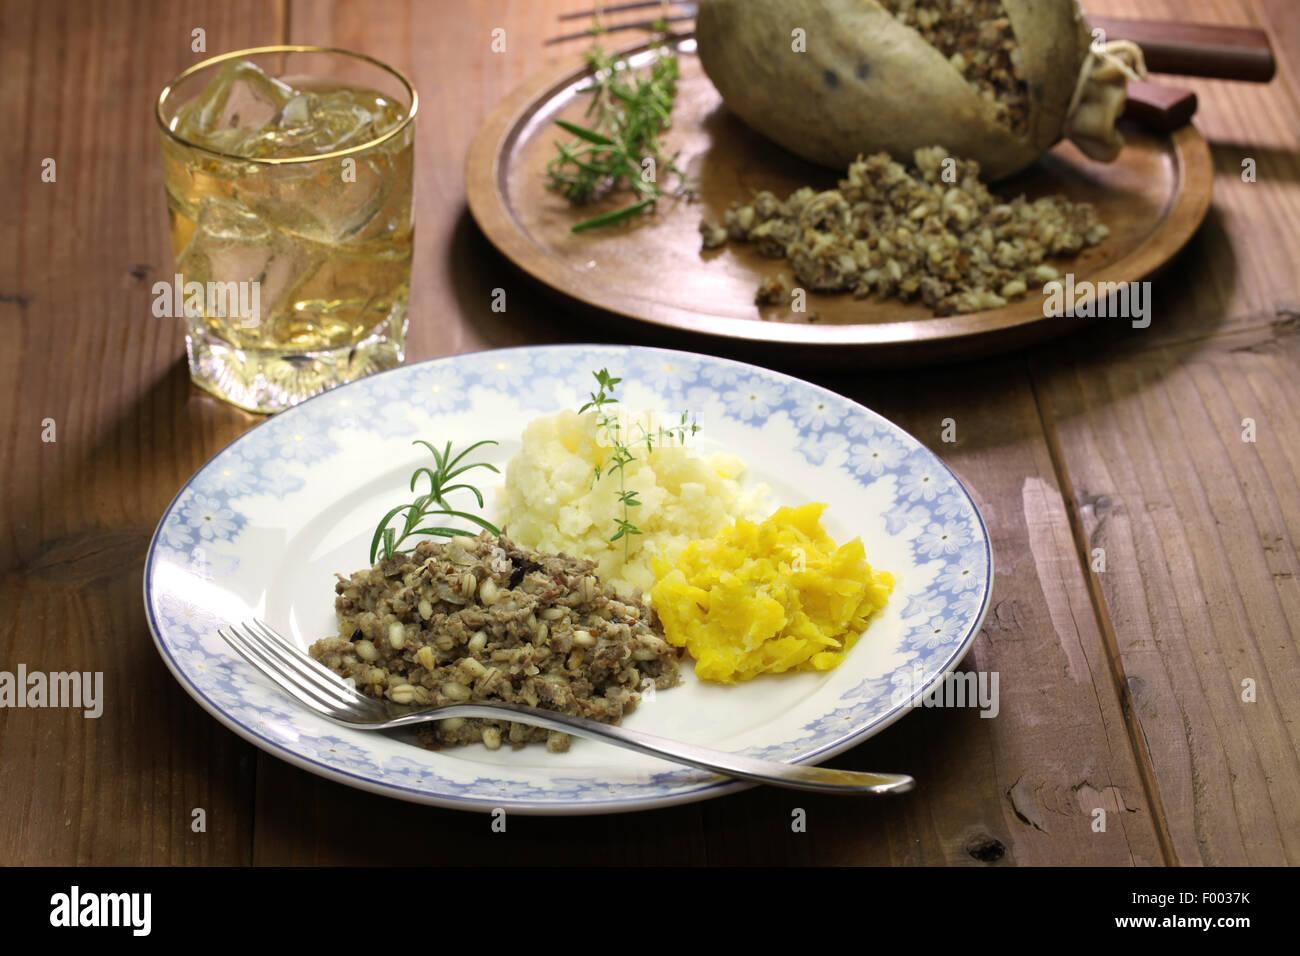 Haggis neeps y tatties scotch whisky, Escocia comida tradicional Foto de stock